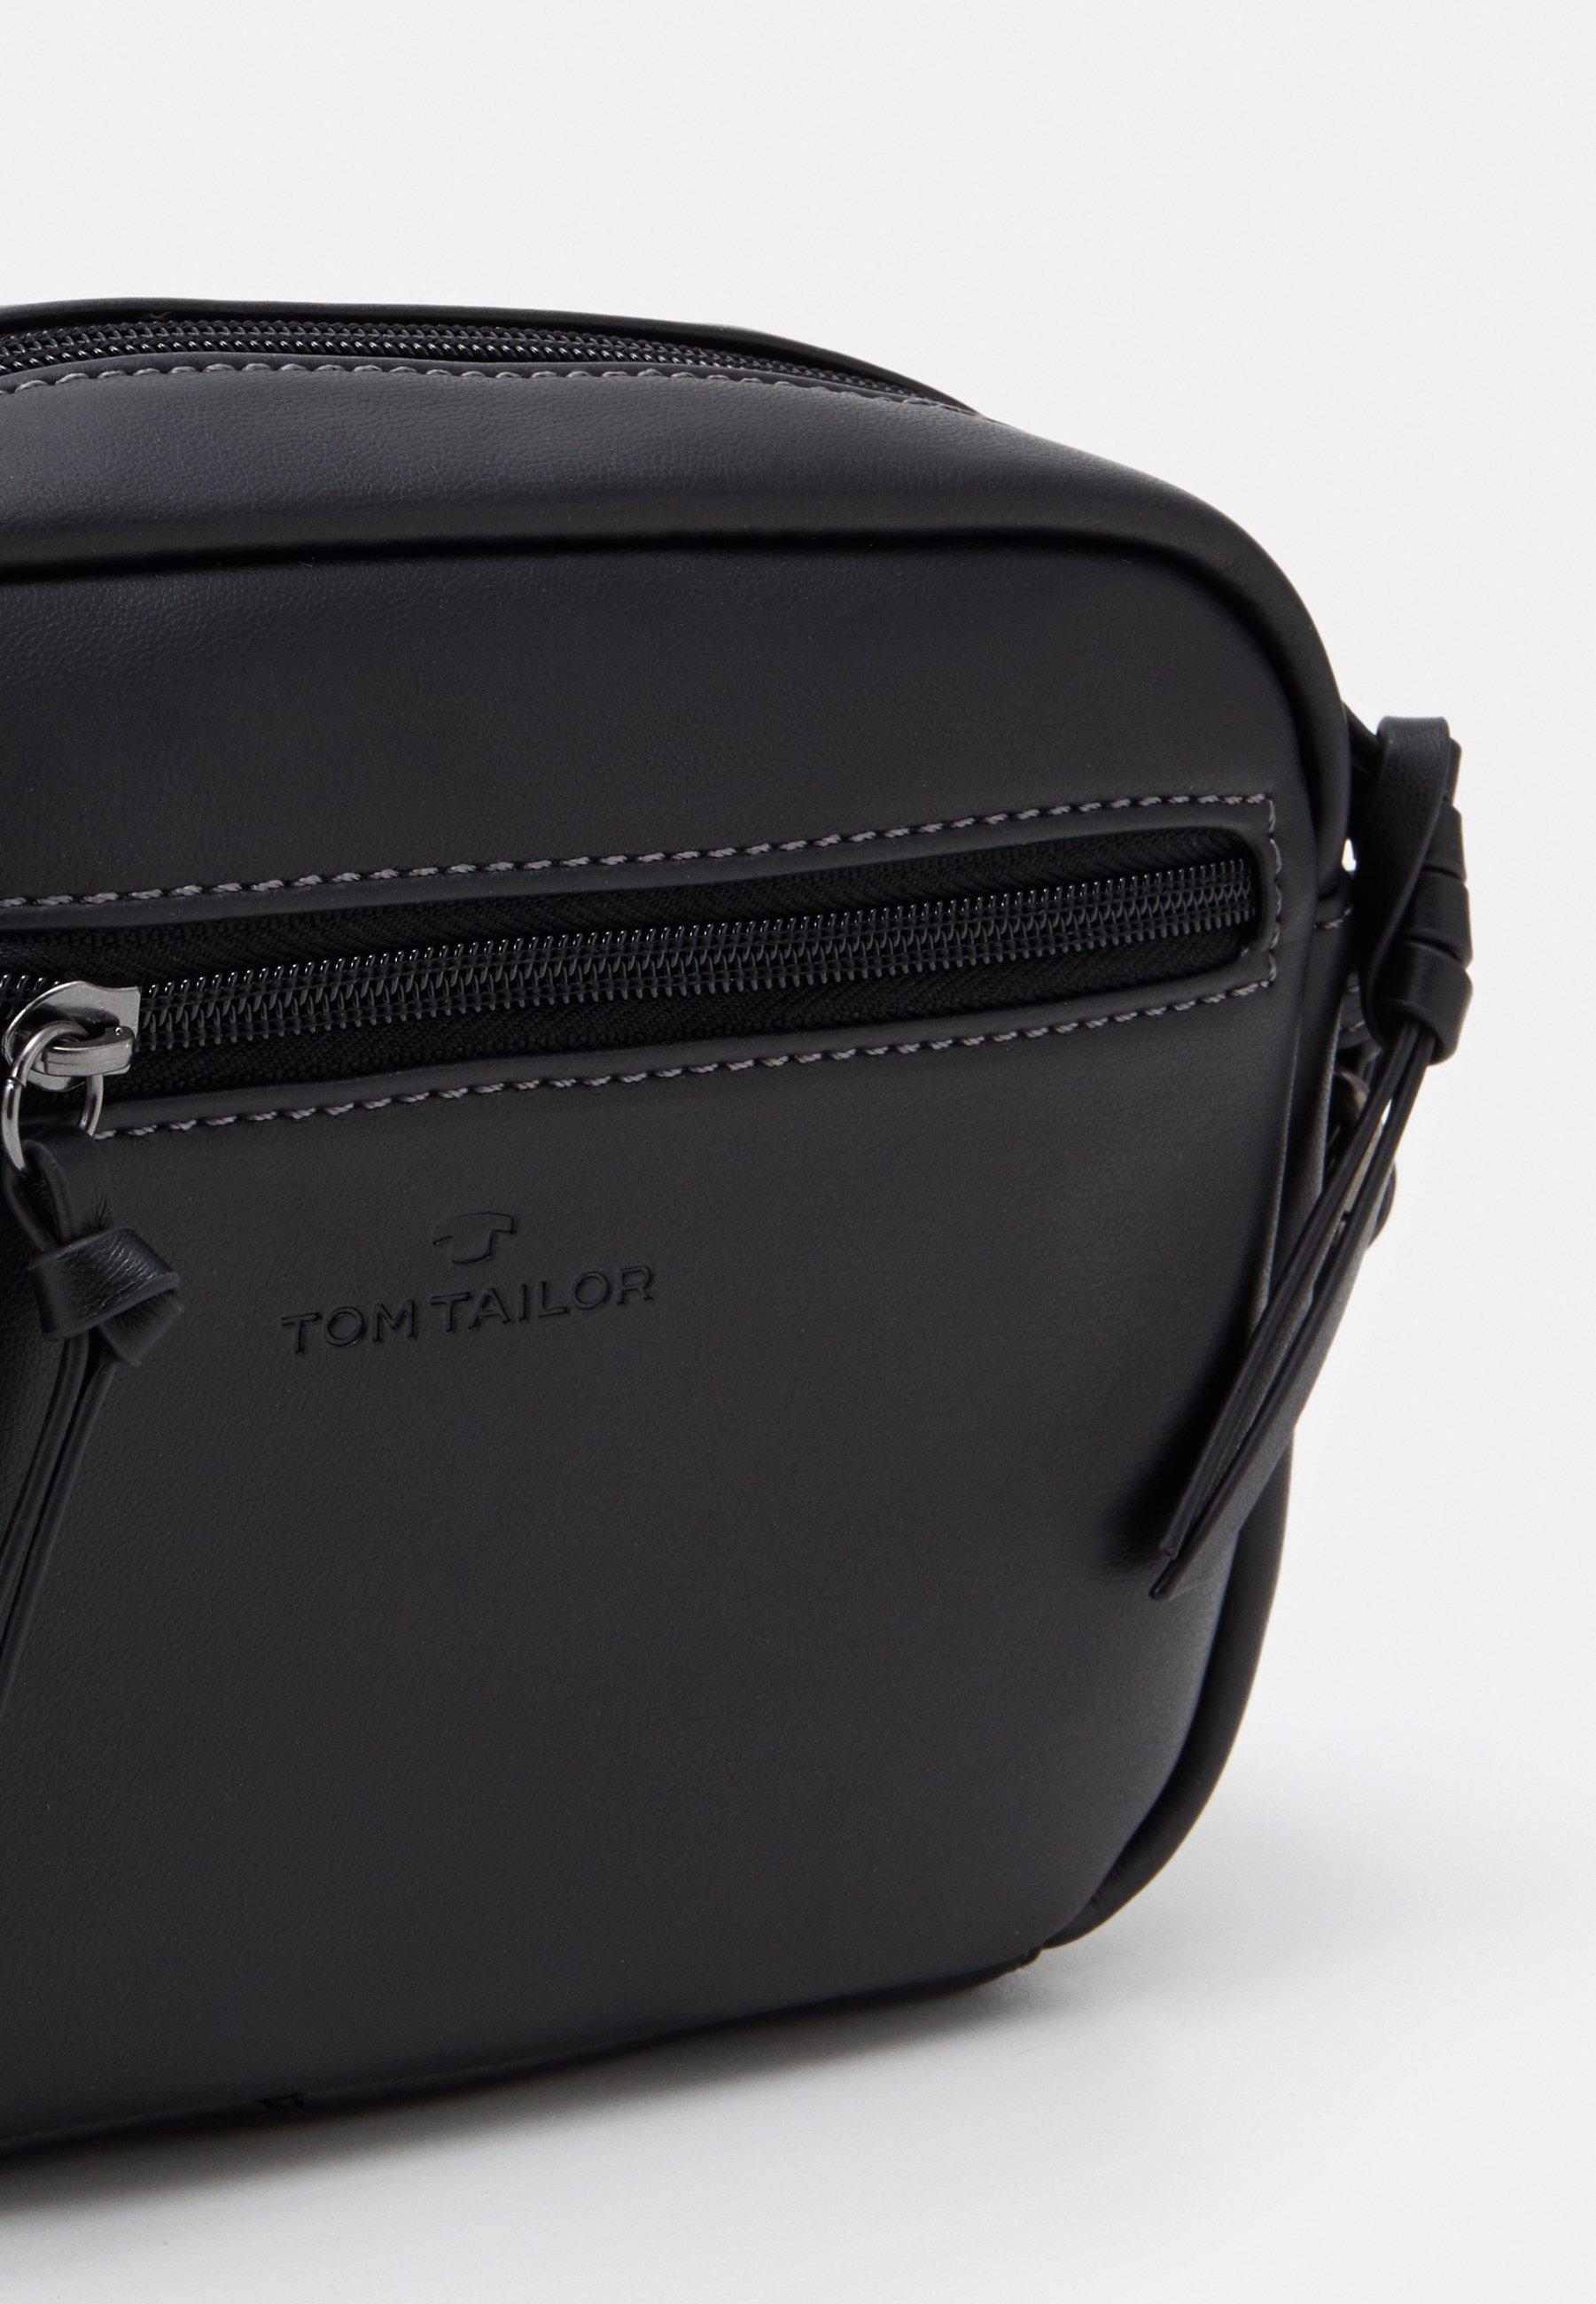 Tom Tailor Jara - Skuldertasker Black